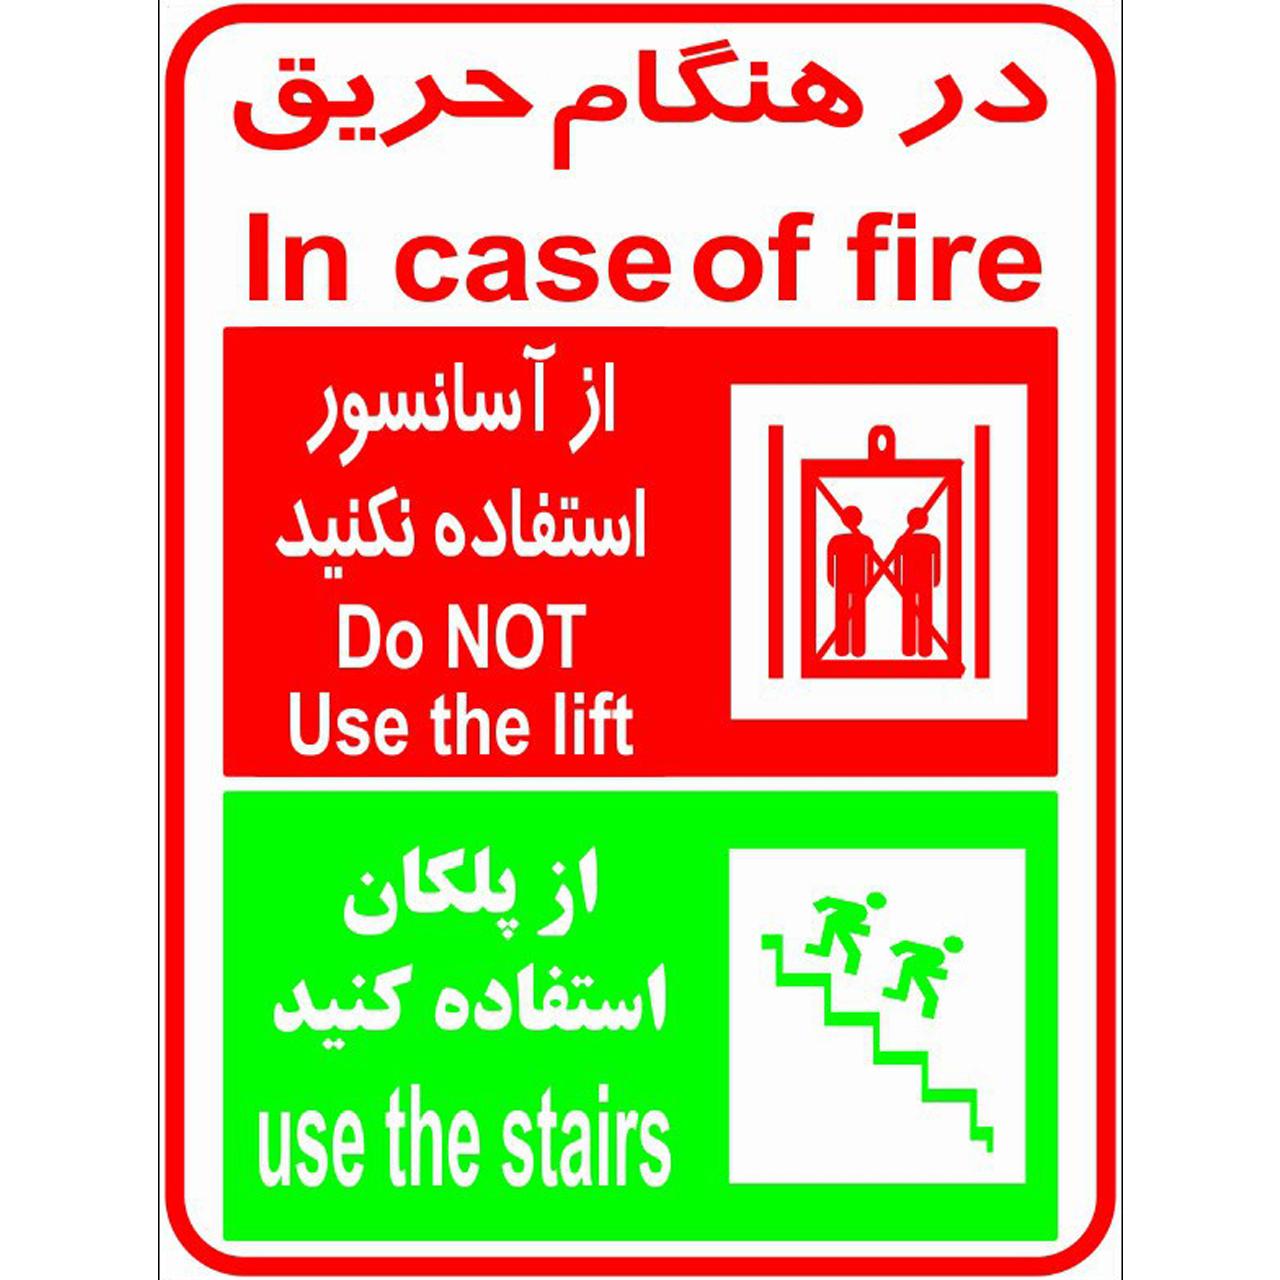 برچسب طرح در هنگام حریق از آسانسور استفاده نکنید از پلکان استفاده کنید بسته 4 عددی